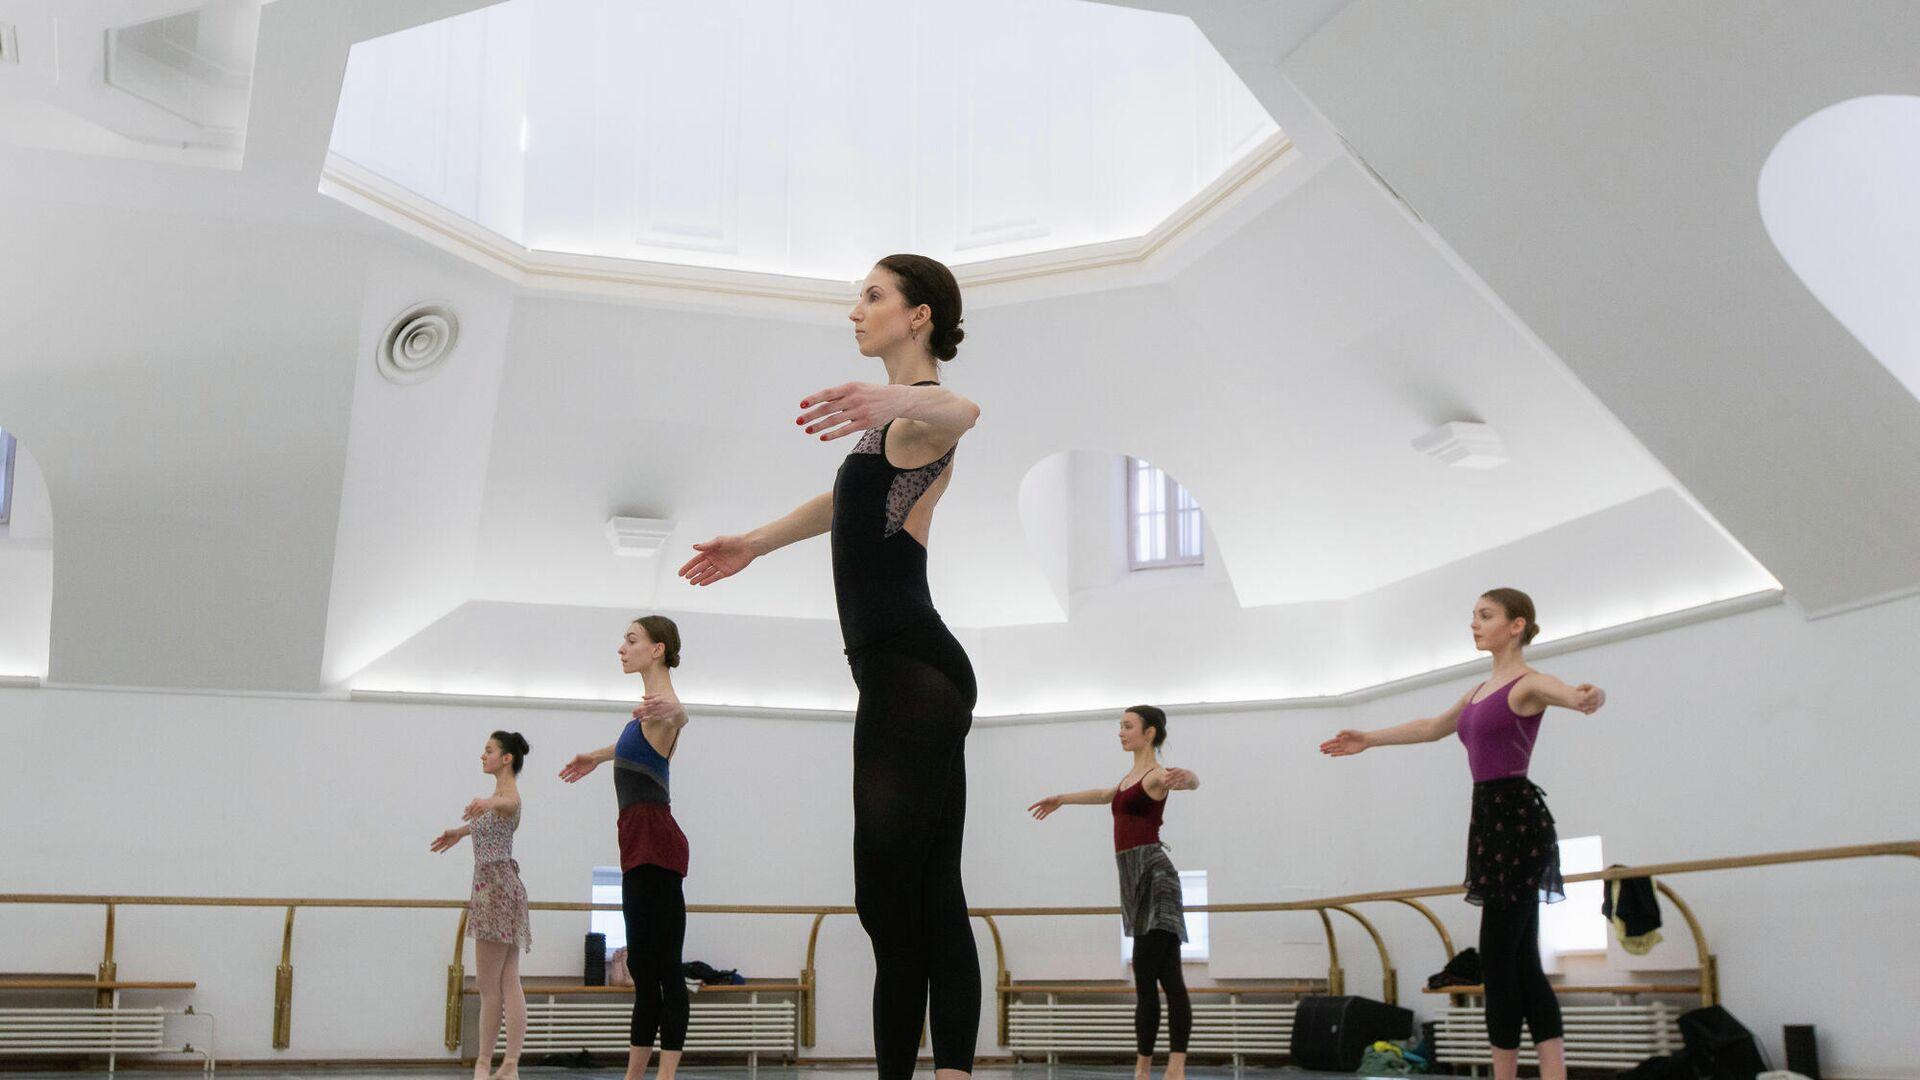 Репетиция артистов балета - РИА Новости, 1920, 29.03.2020